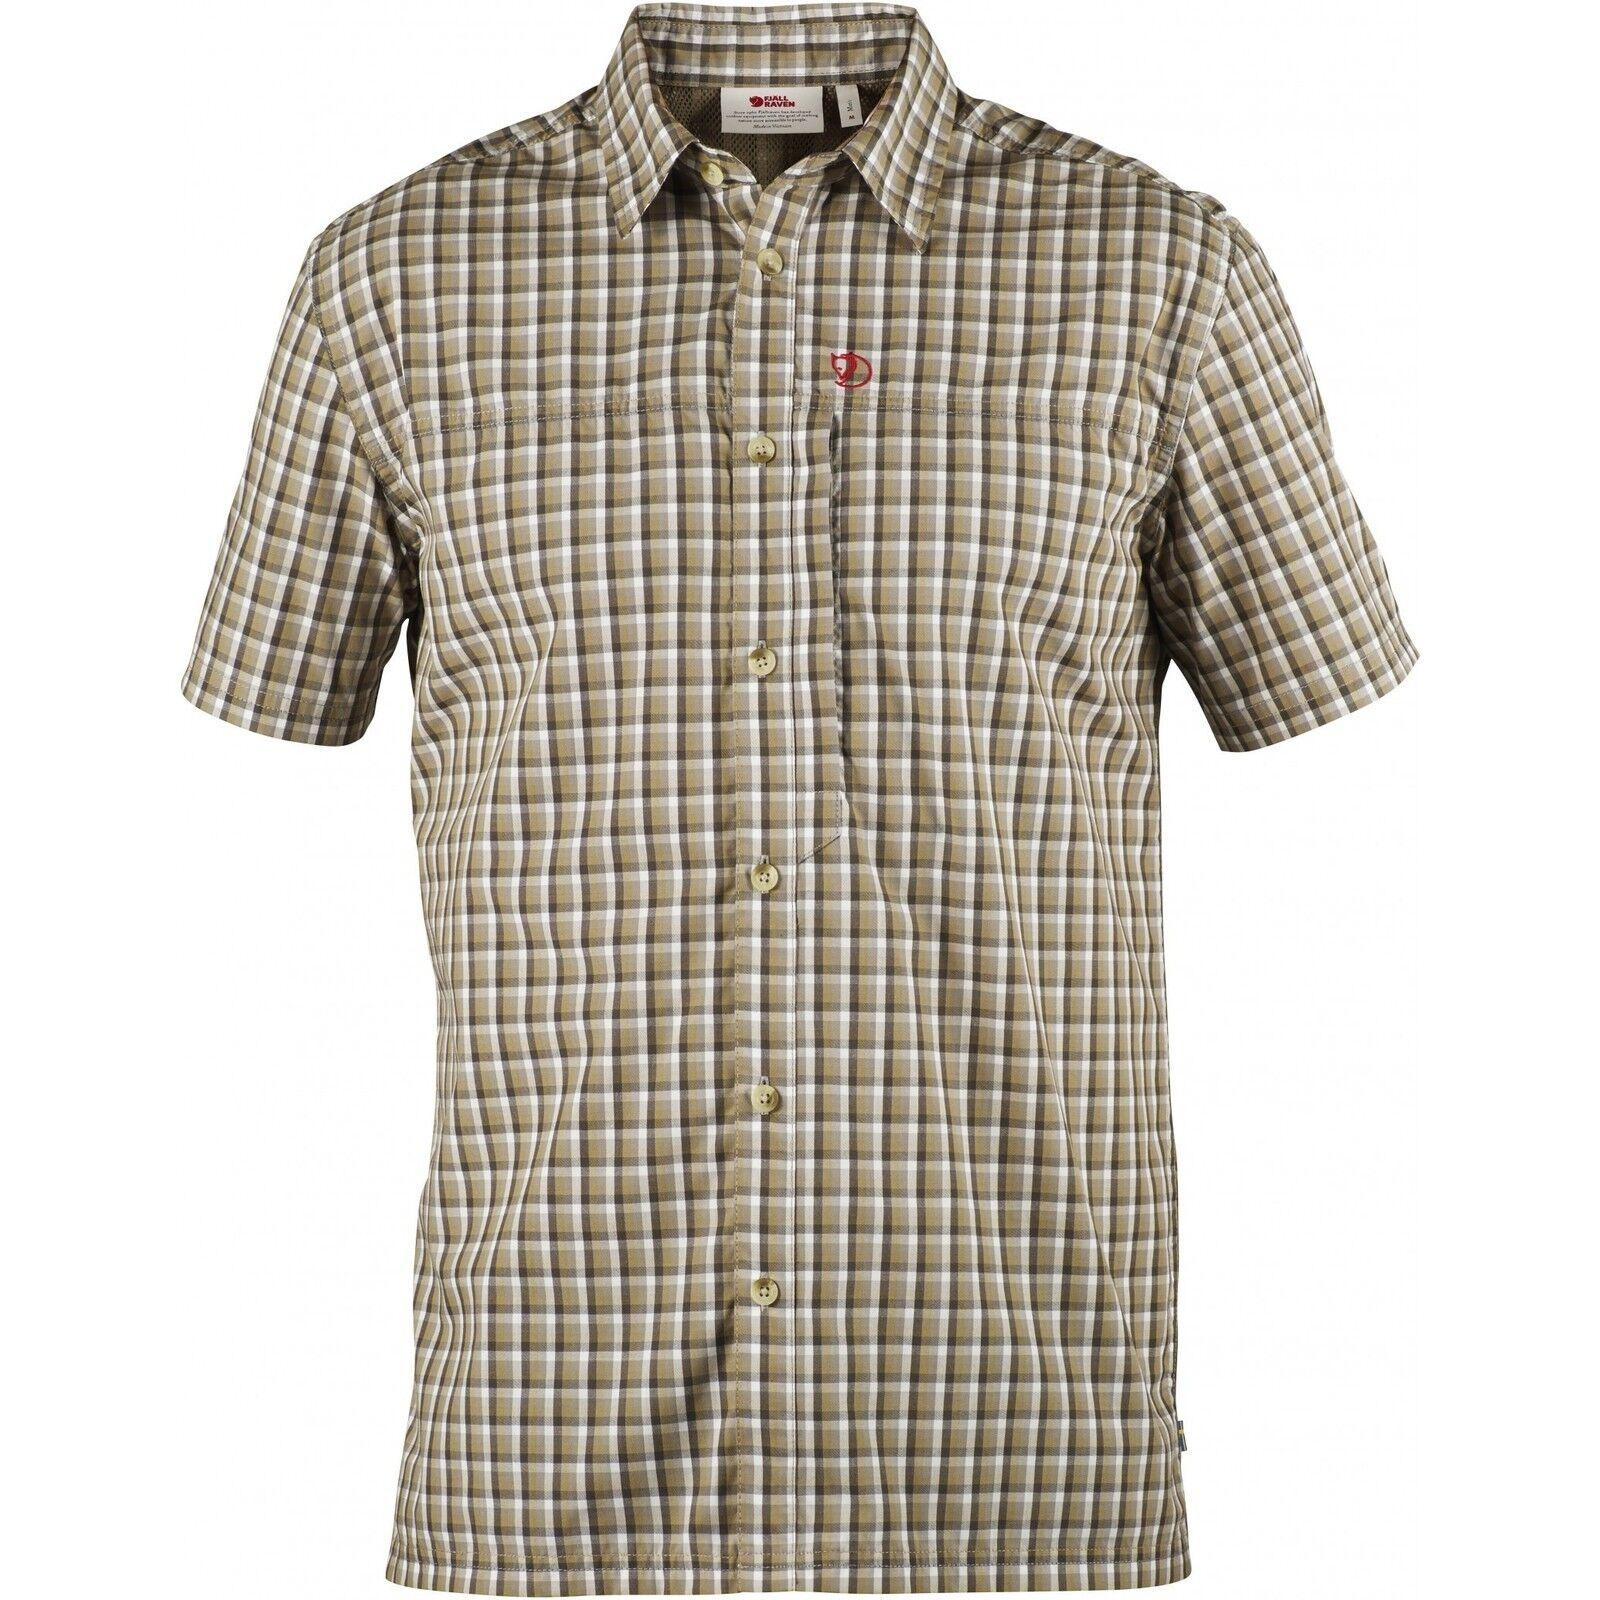 Fjäll Räven Svante Shirt Comfort, Short-Sleeved Men's  Shirt, Sand, Function S  store